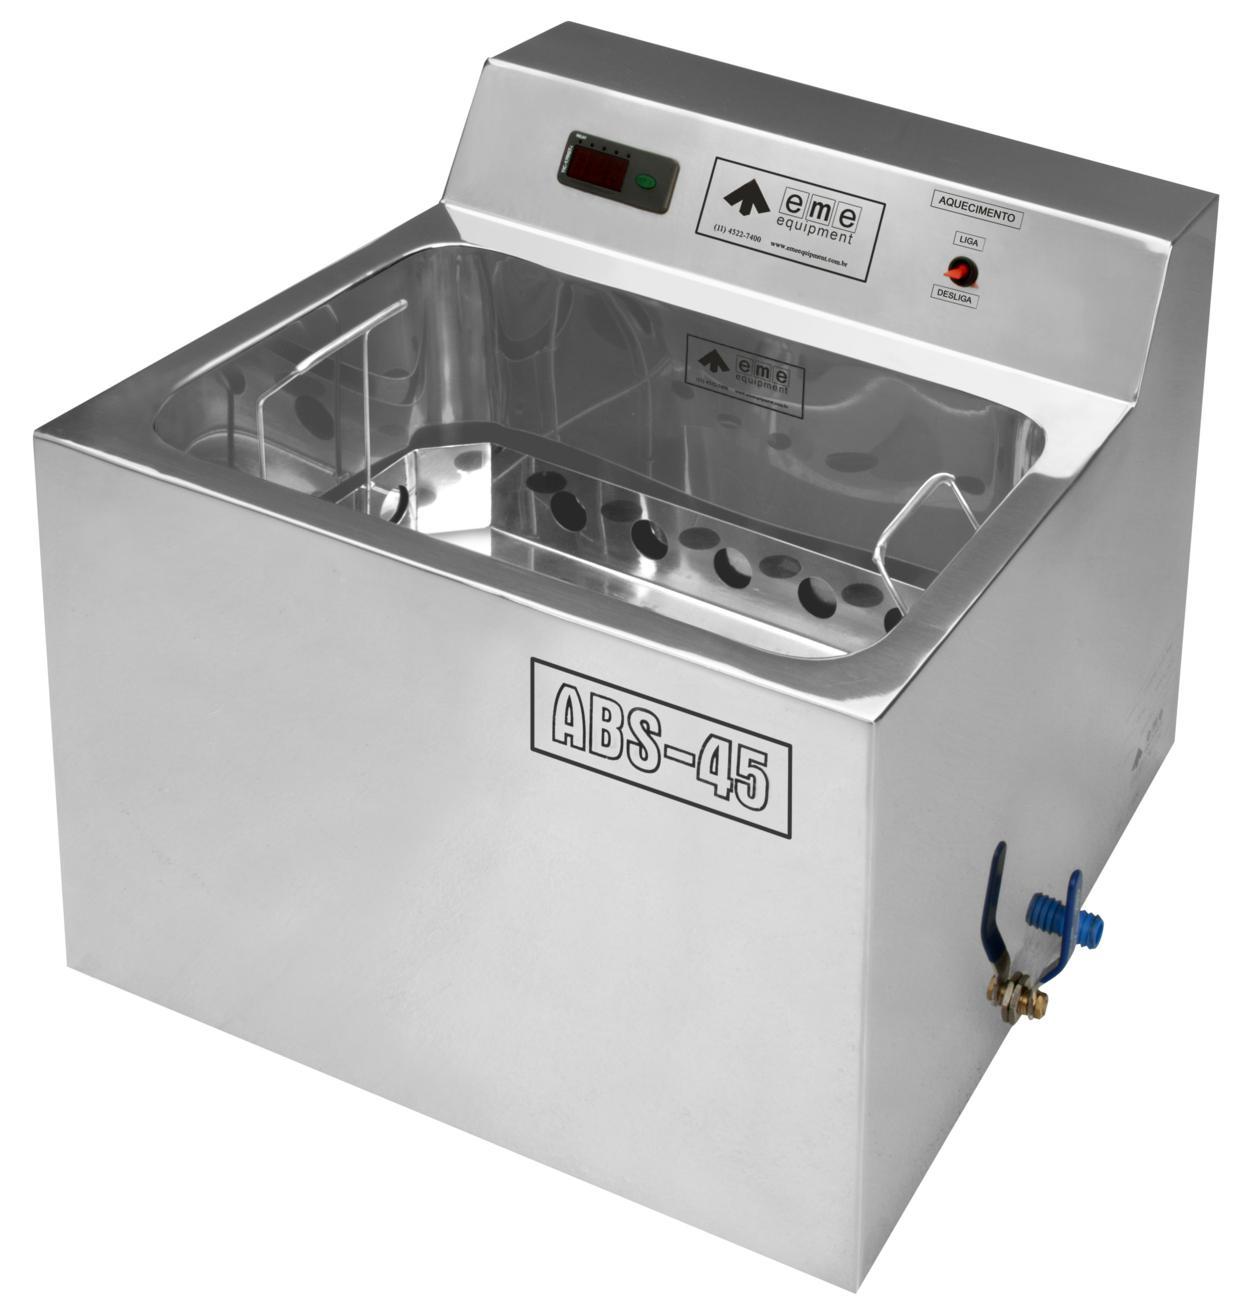 Banho Maria para Soro Sangue e Plasma - Modelo ABS-45 - EME EQUIPMENT- Cód: EME - 204